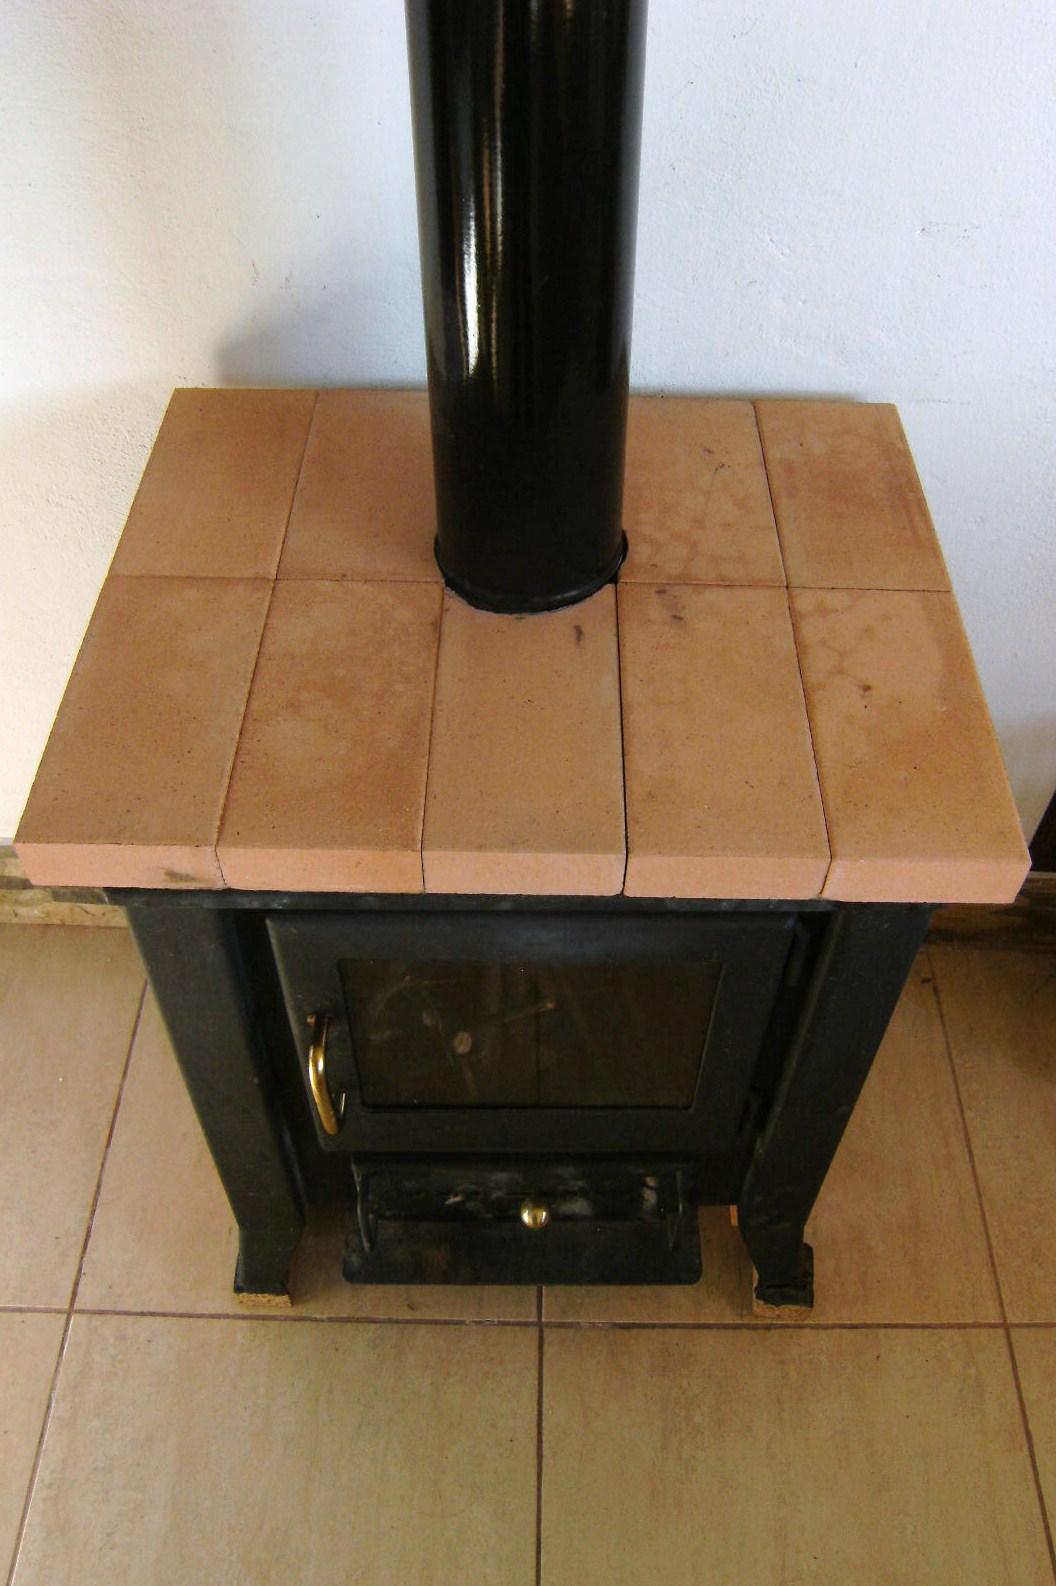 Energia solar casera y utiles sencillo m todo de aumentar el calor de una estufa met lica - Como hacer una chimenea casera ...